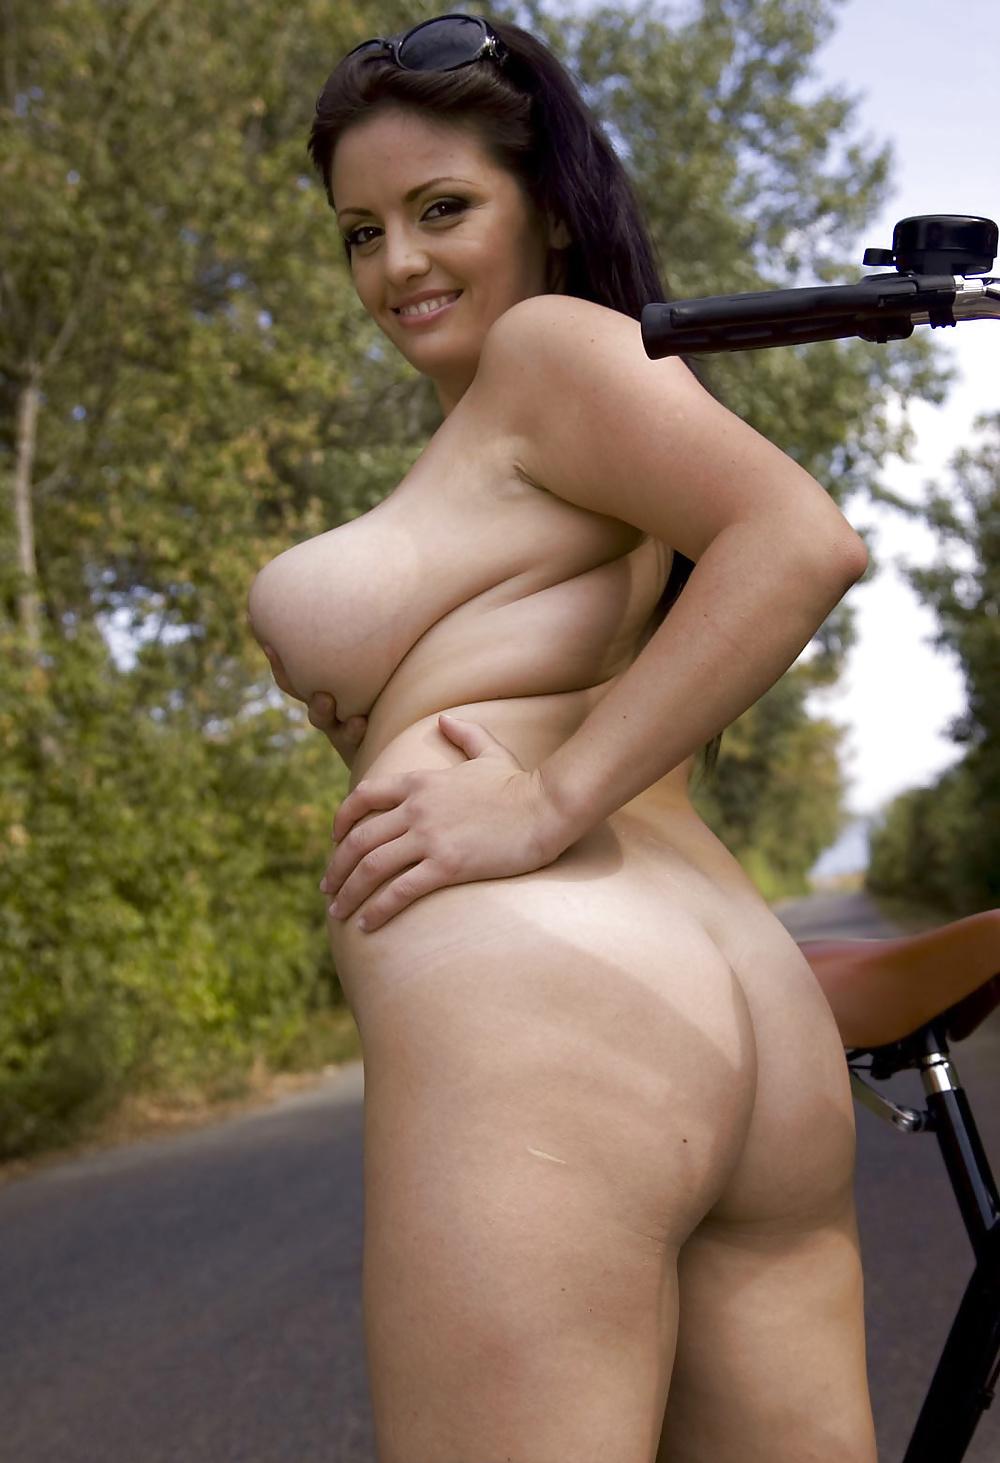 Stora bröst i varje sex bilder gratis